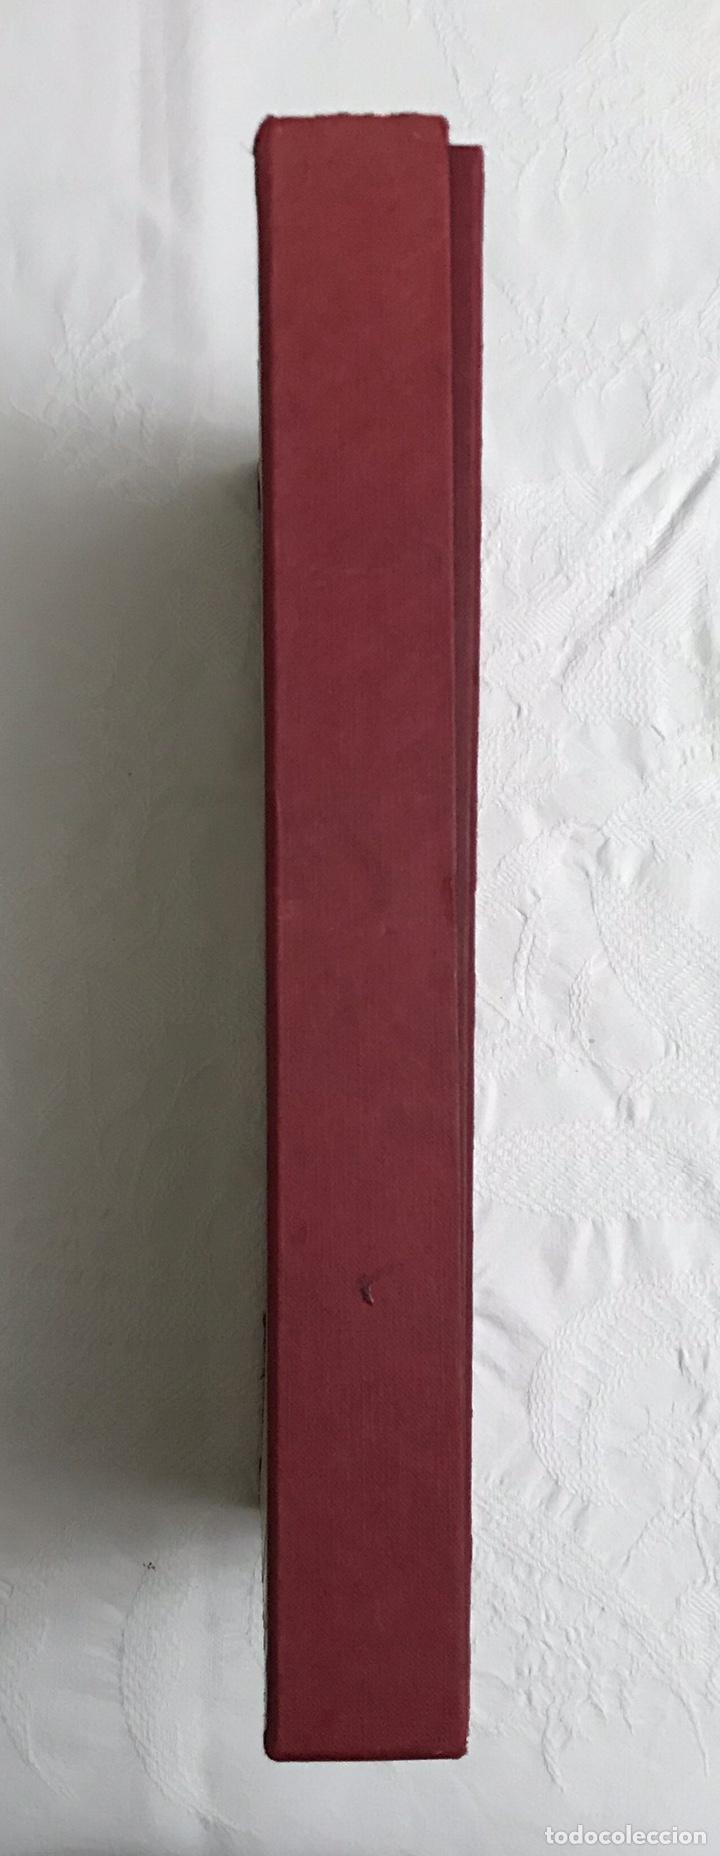 Libros de segunda mano: THE BBC ENGLISH COURSE. GETTING ON IN ENGLISH. CALLING THE BEGINNERS. DISCOS. CURSO DE INGLÉS - Foto 36 - 211511616